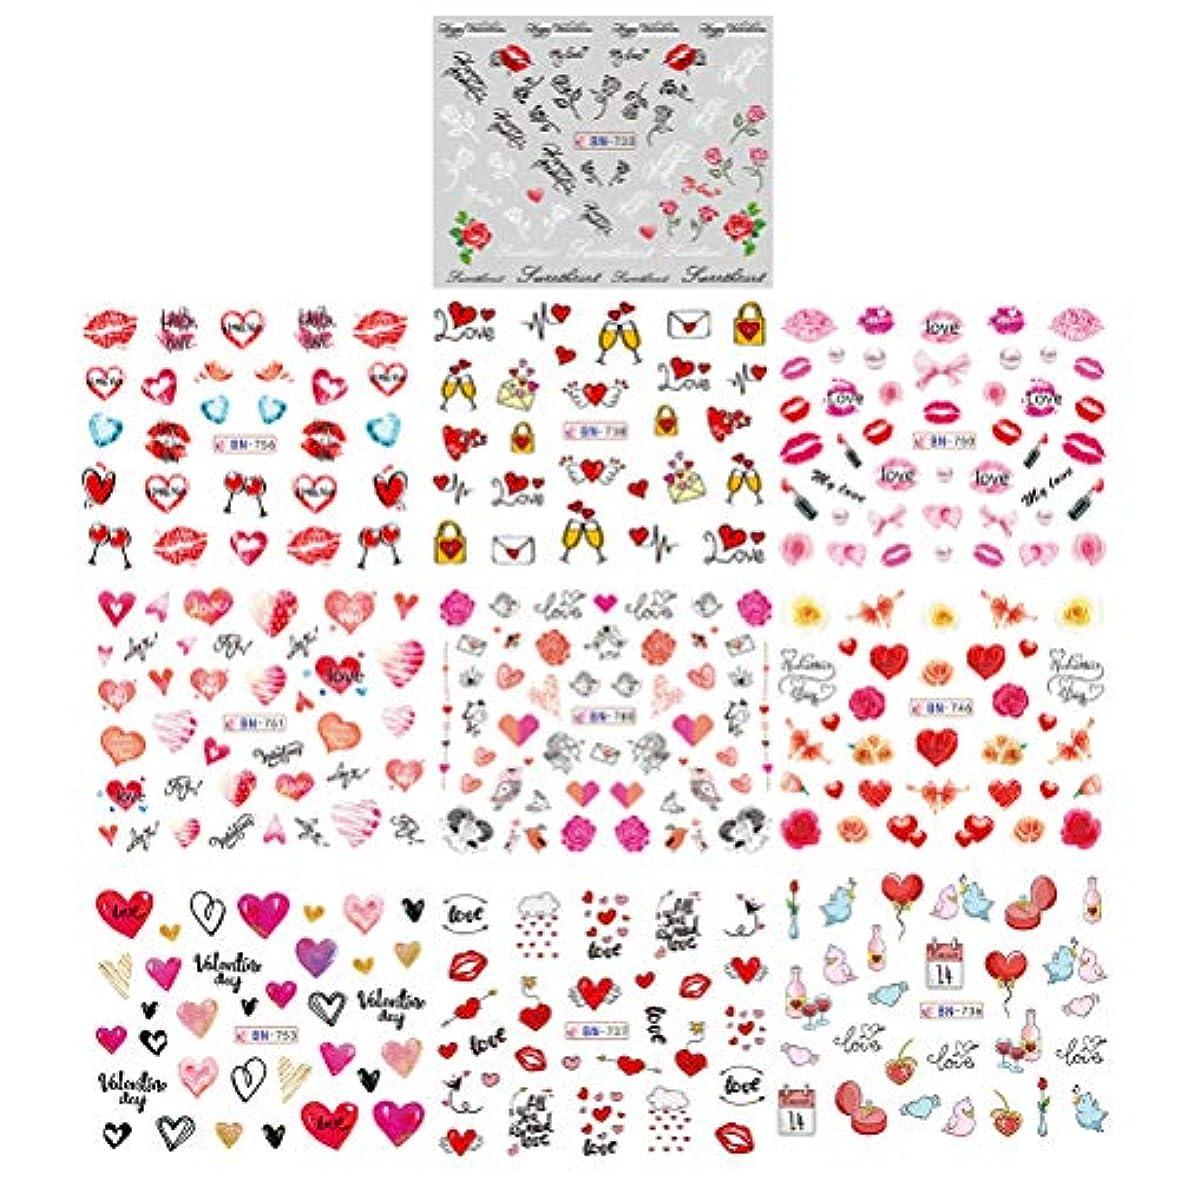 講堂熱狂的な間欠Frcolor ネイルシール love ネイルステッカー 花柄デザイン ネイルアートシール 爪に貼るだけ マニキュア 10枚セット バレンタインデー飾り